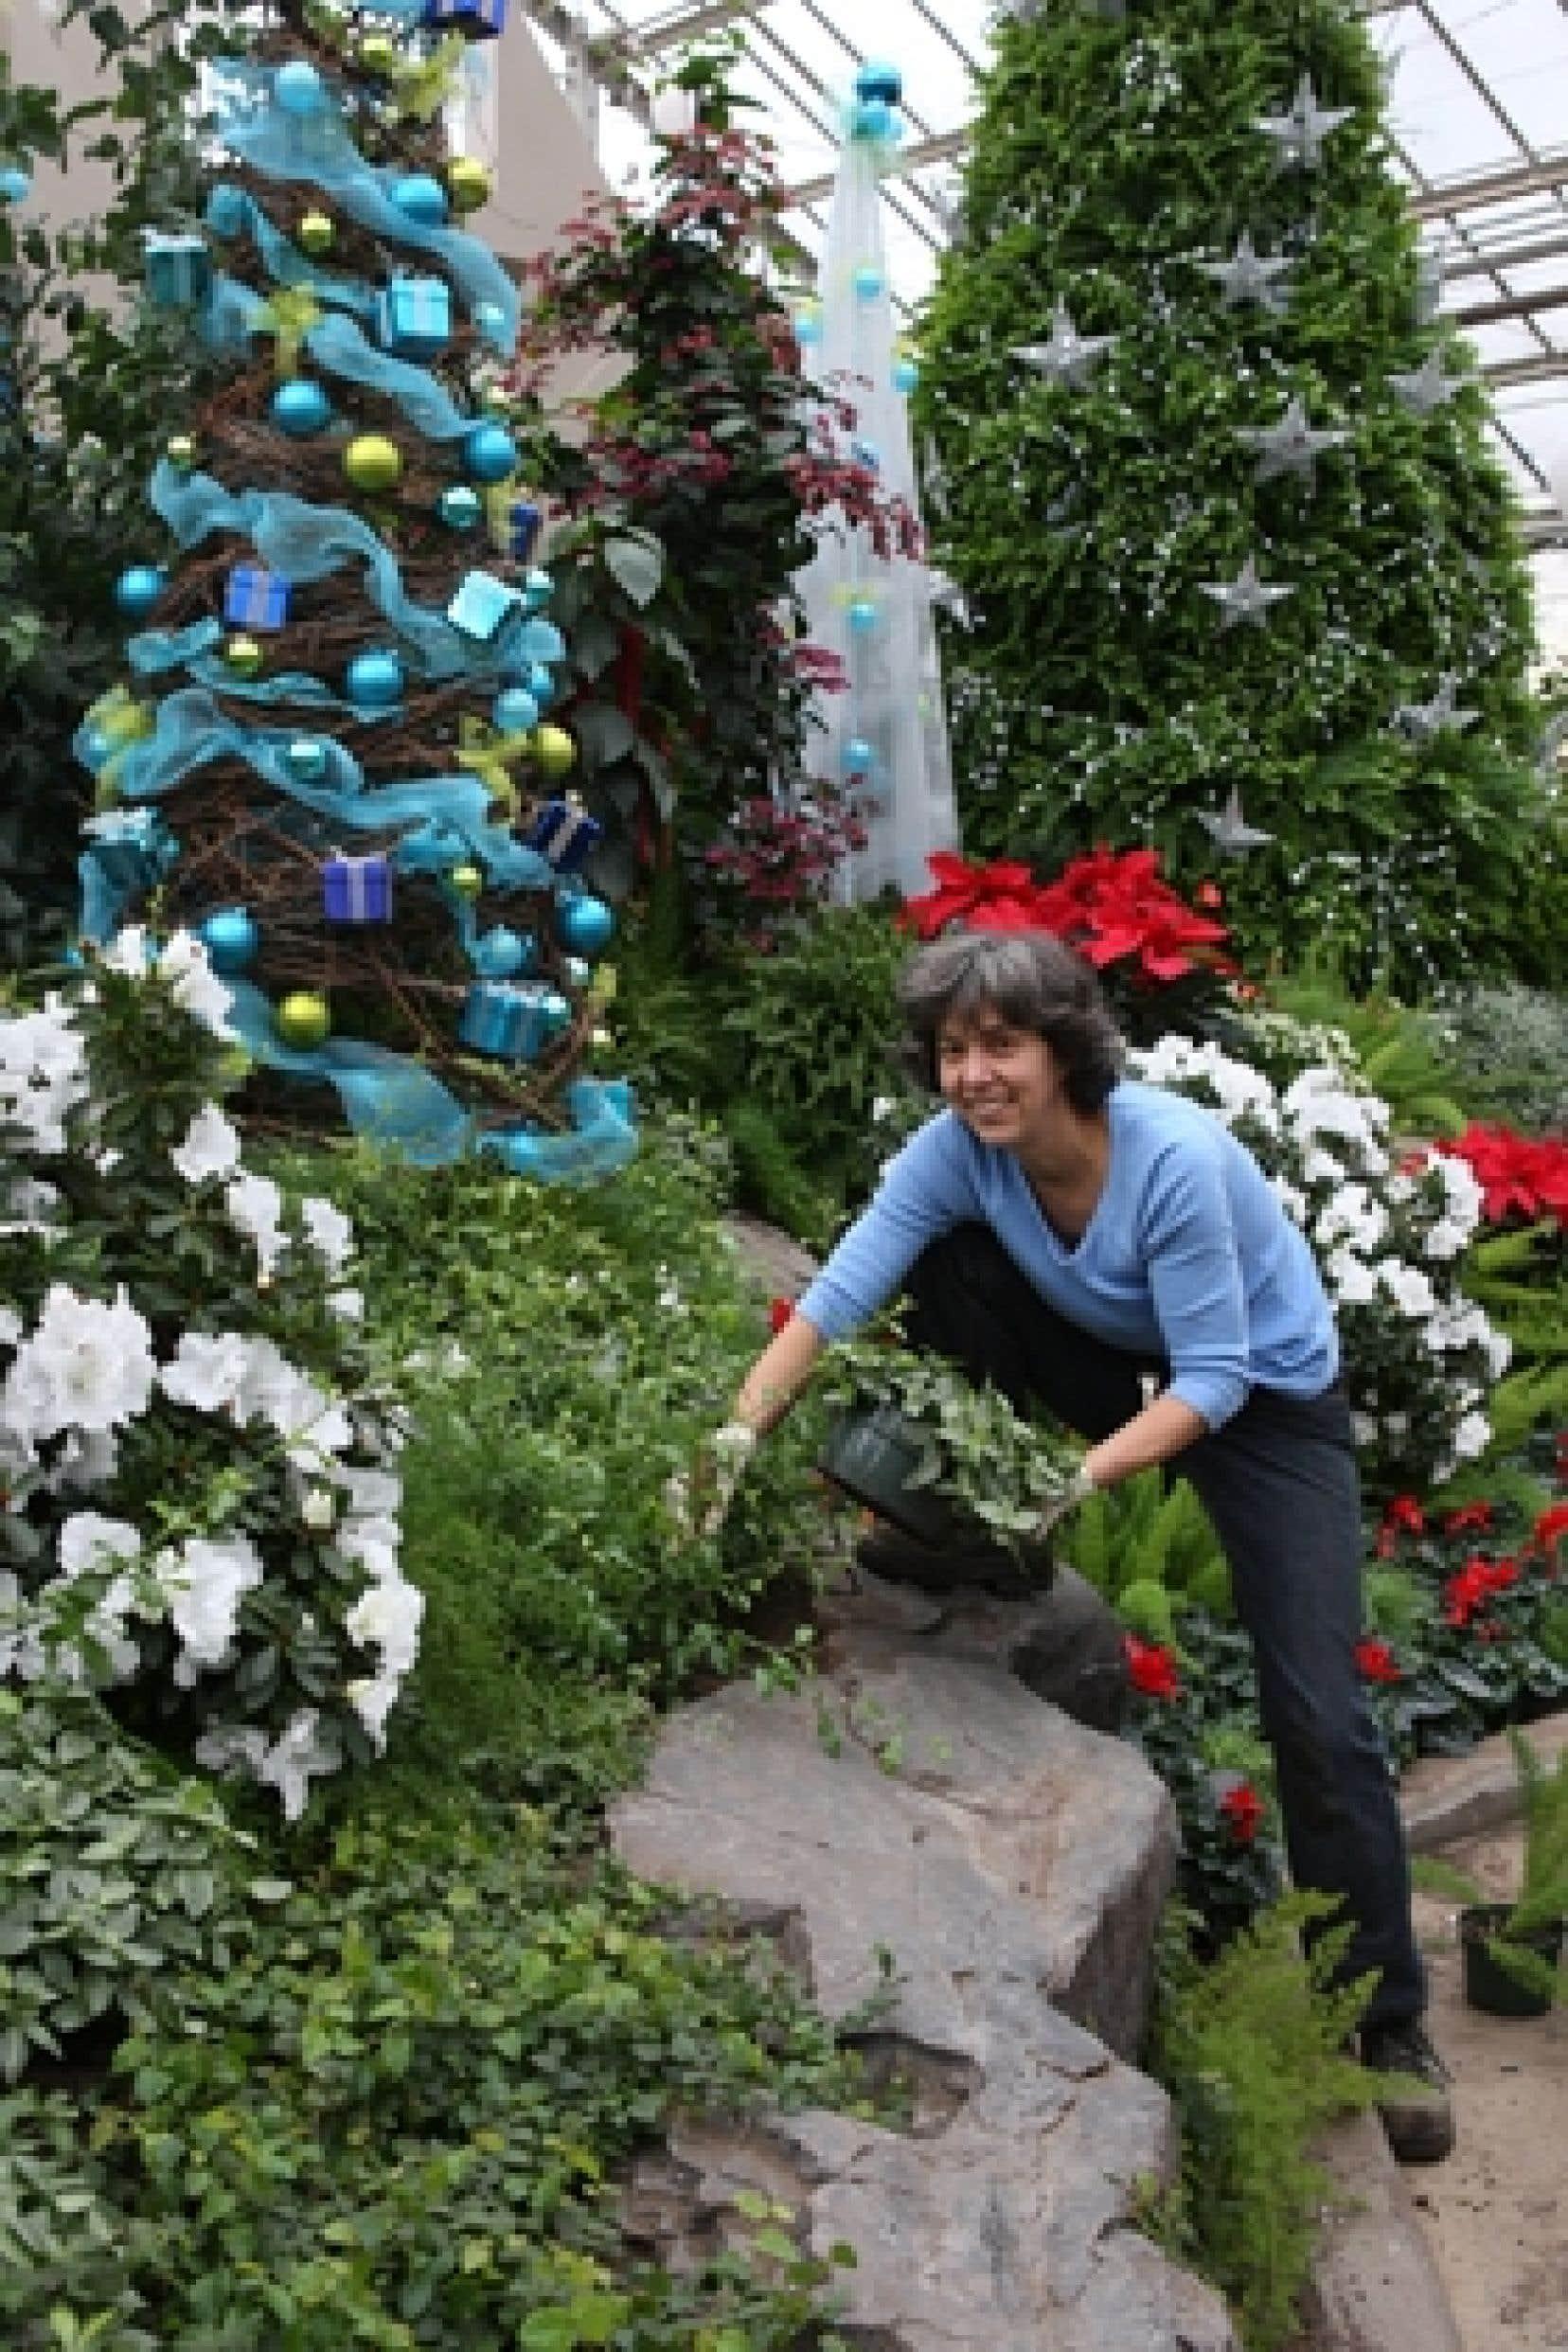 Toute une équipe participe au montage et au démontage des expositions. Ici, l'horticultrice Nicole Perrier dispose un plant sur un des planchers de l'exposition.